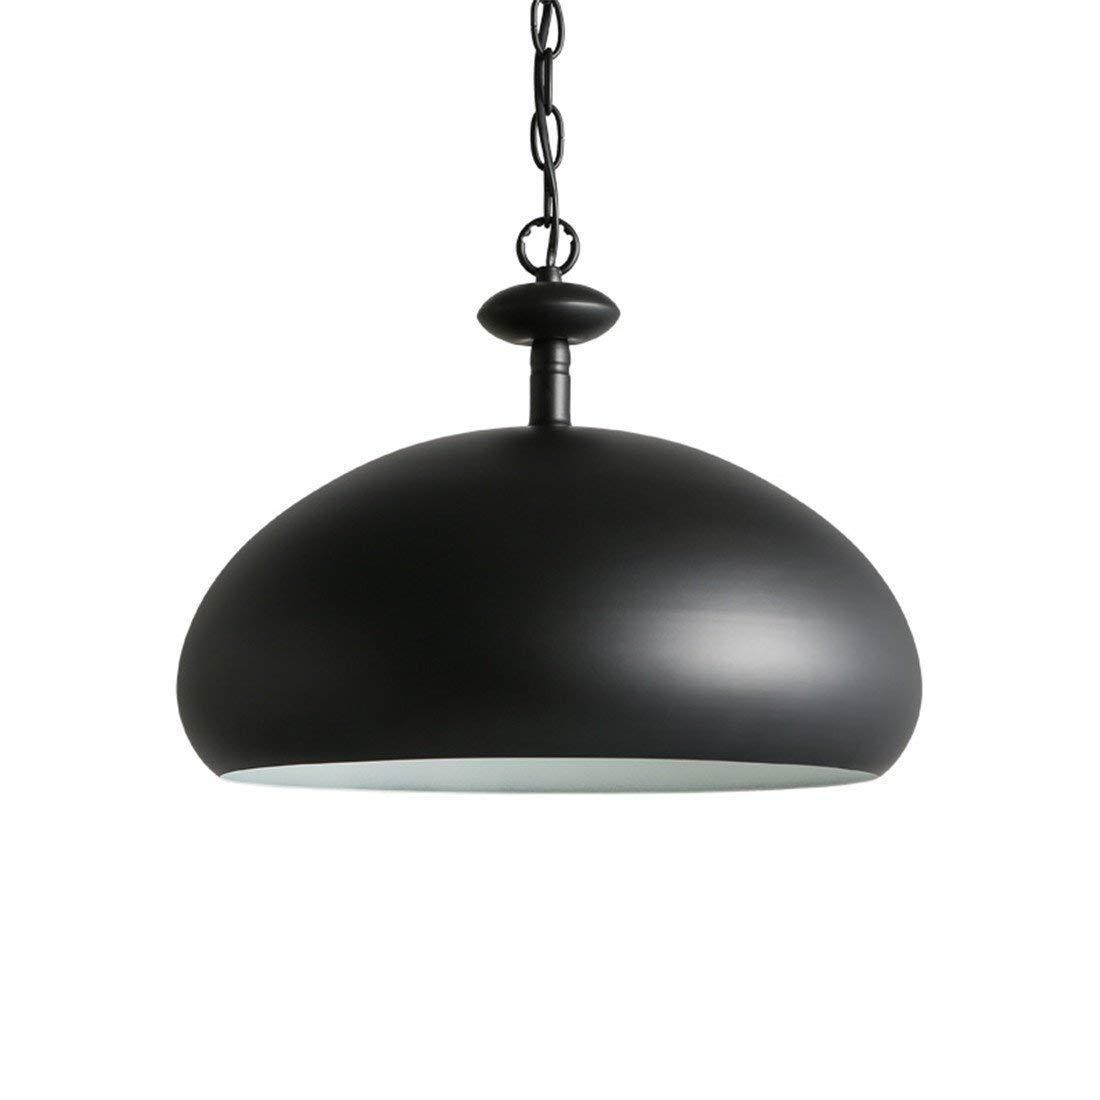 Eeayyygch Nordic Retro Minimalist Semi-Circular Eisen Kunst Lampe, Restaurant Schlafzimmer Apartment Kronleuchter (Farbe   -, Größe   -)